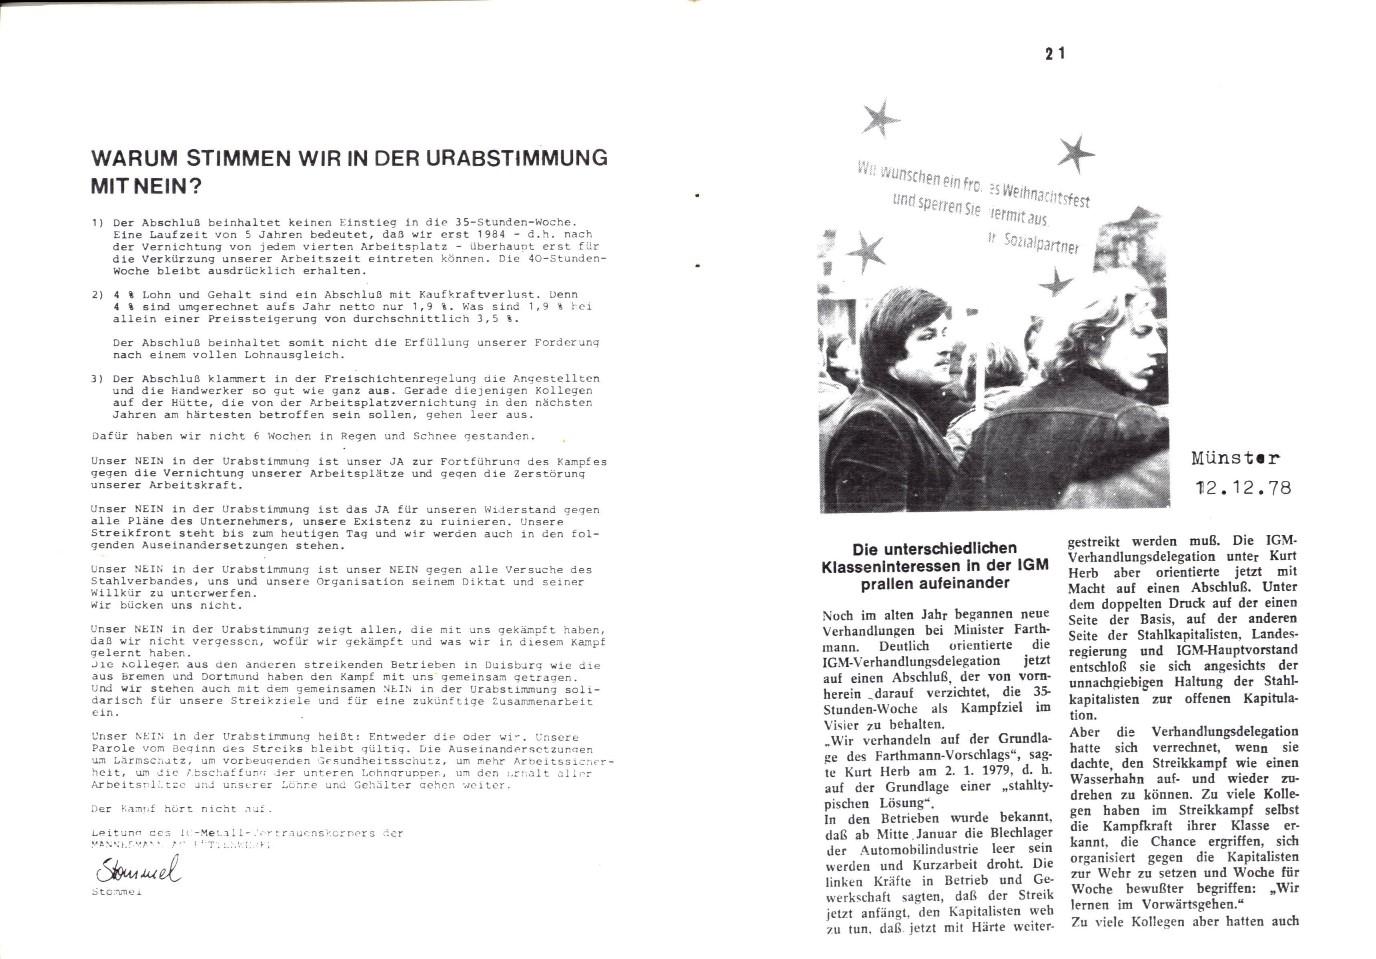 KPDAO_1979_Streik_in_der_Stahlindustrie_12